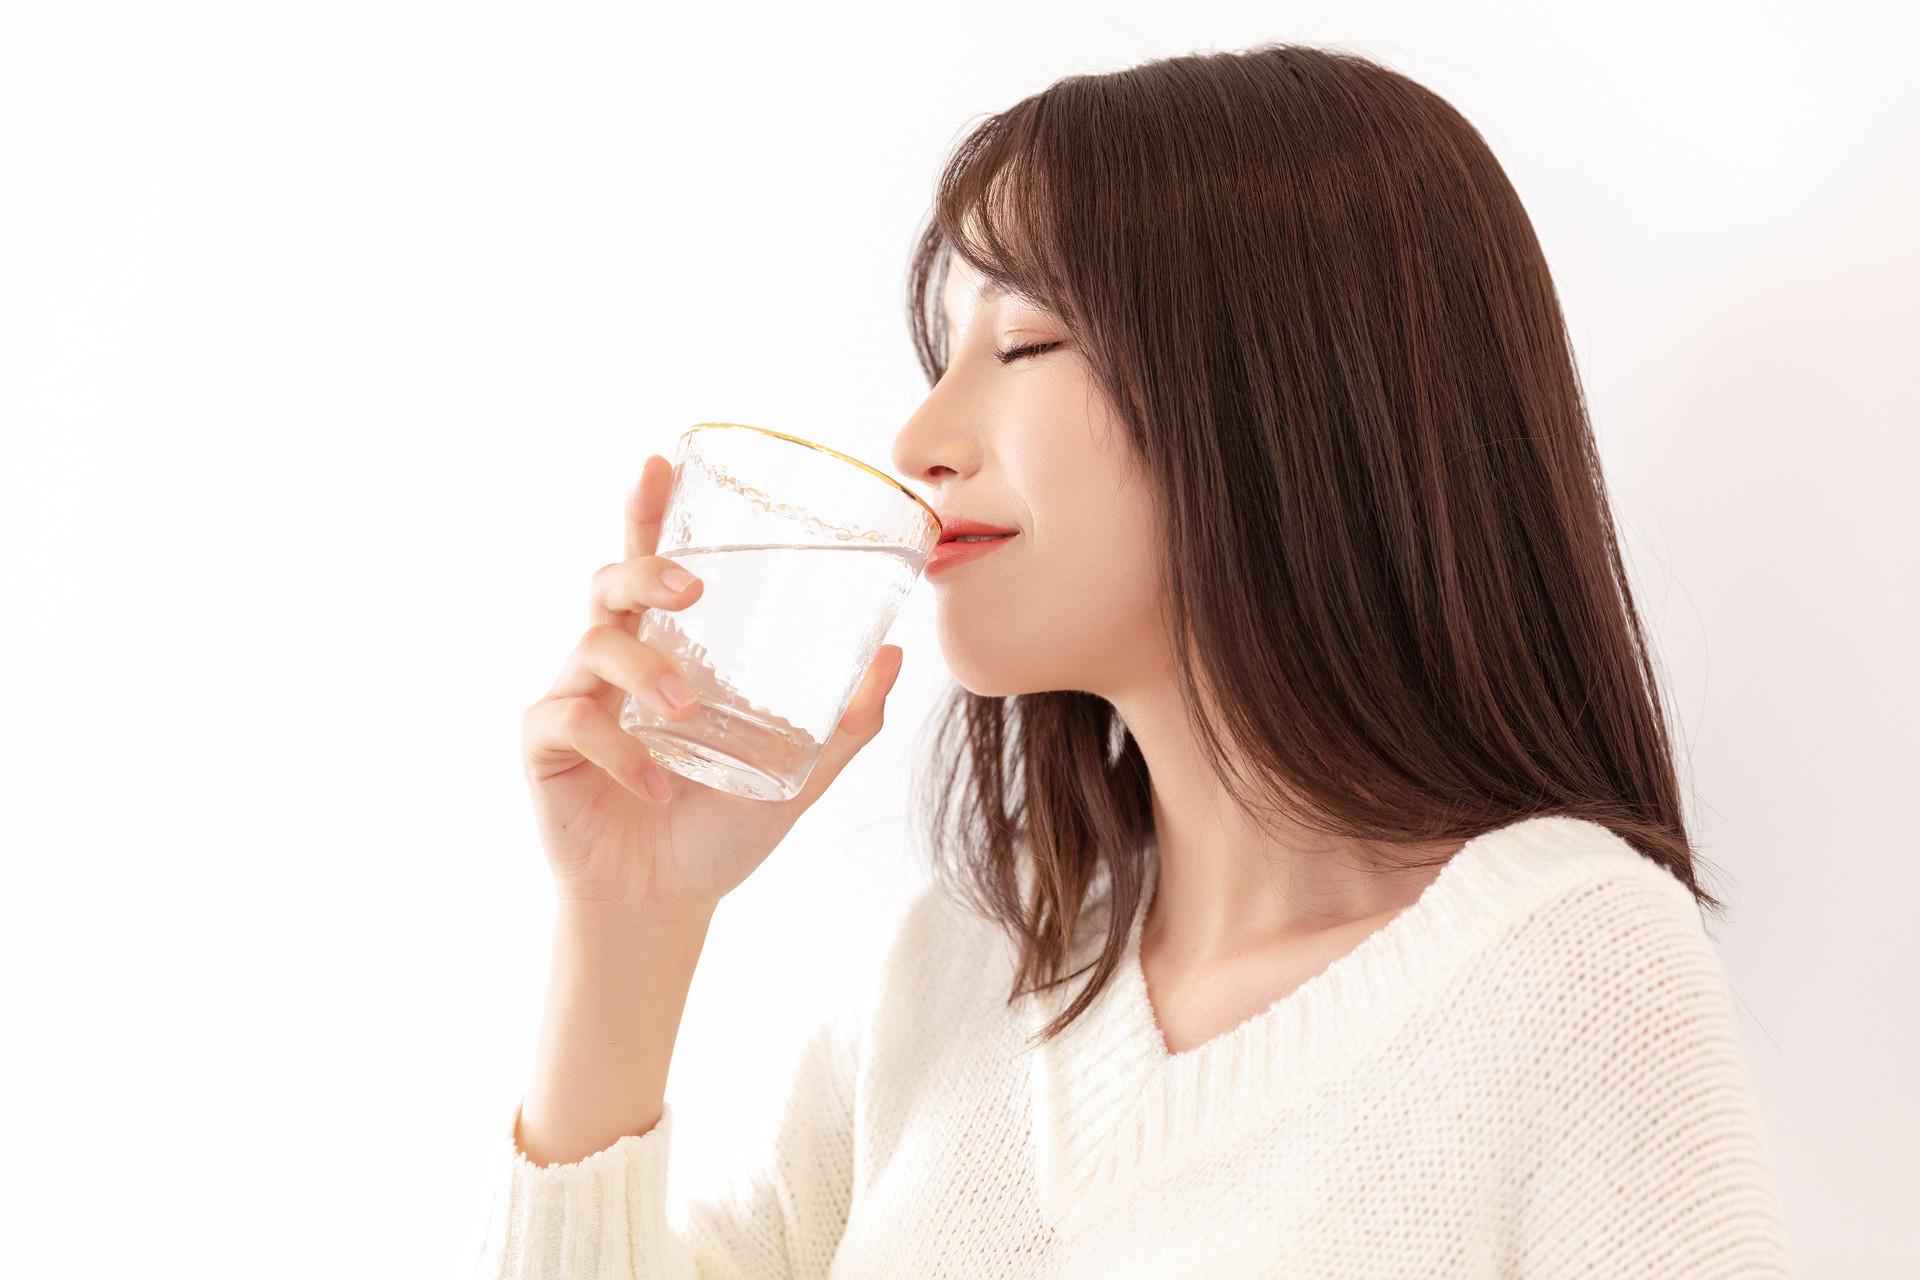 喝完酵素后为什么要多喝水?